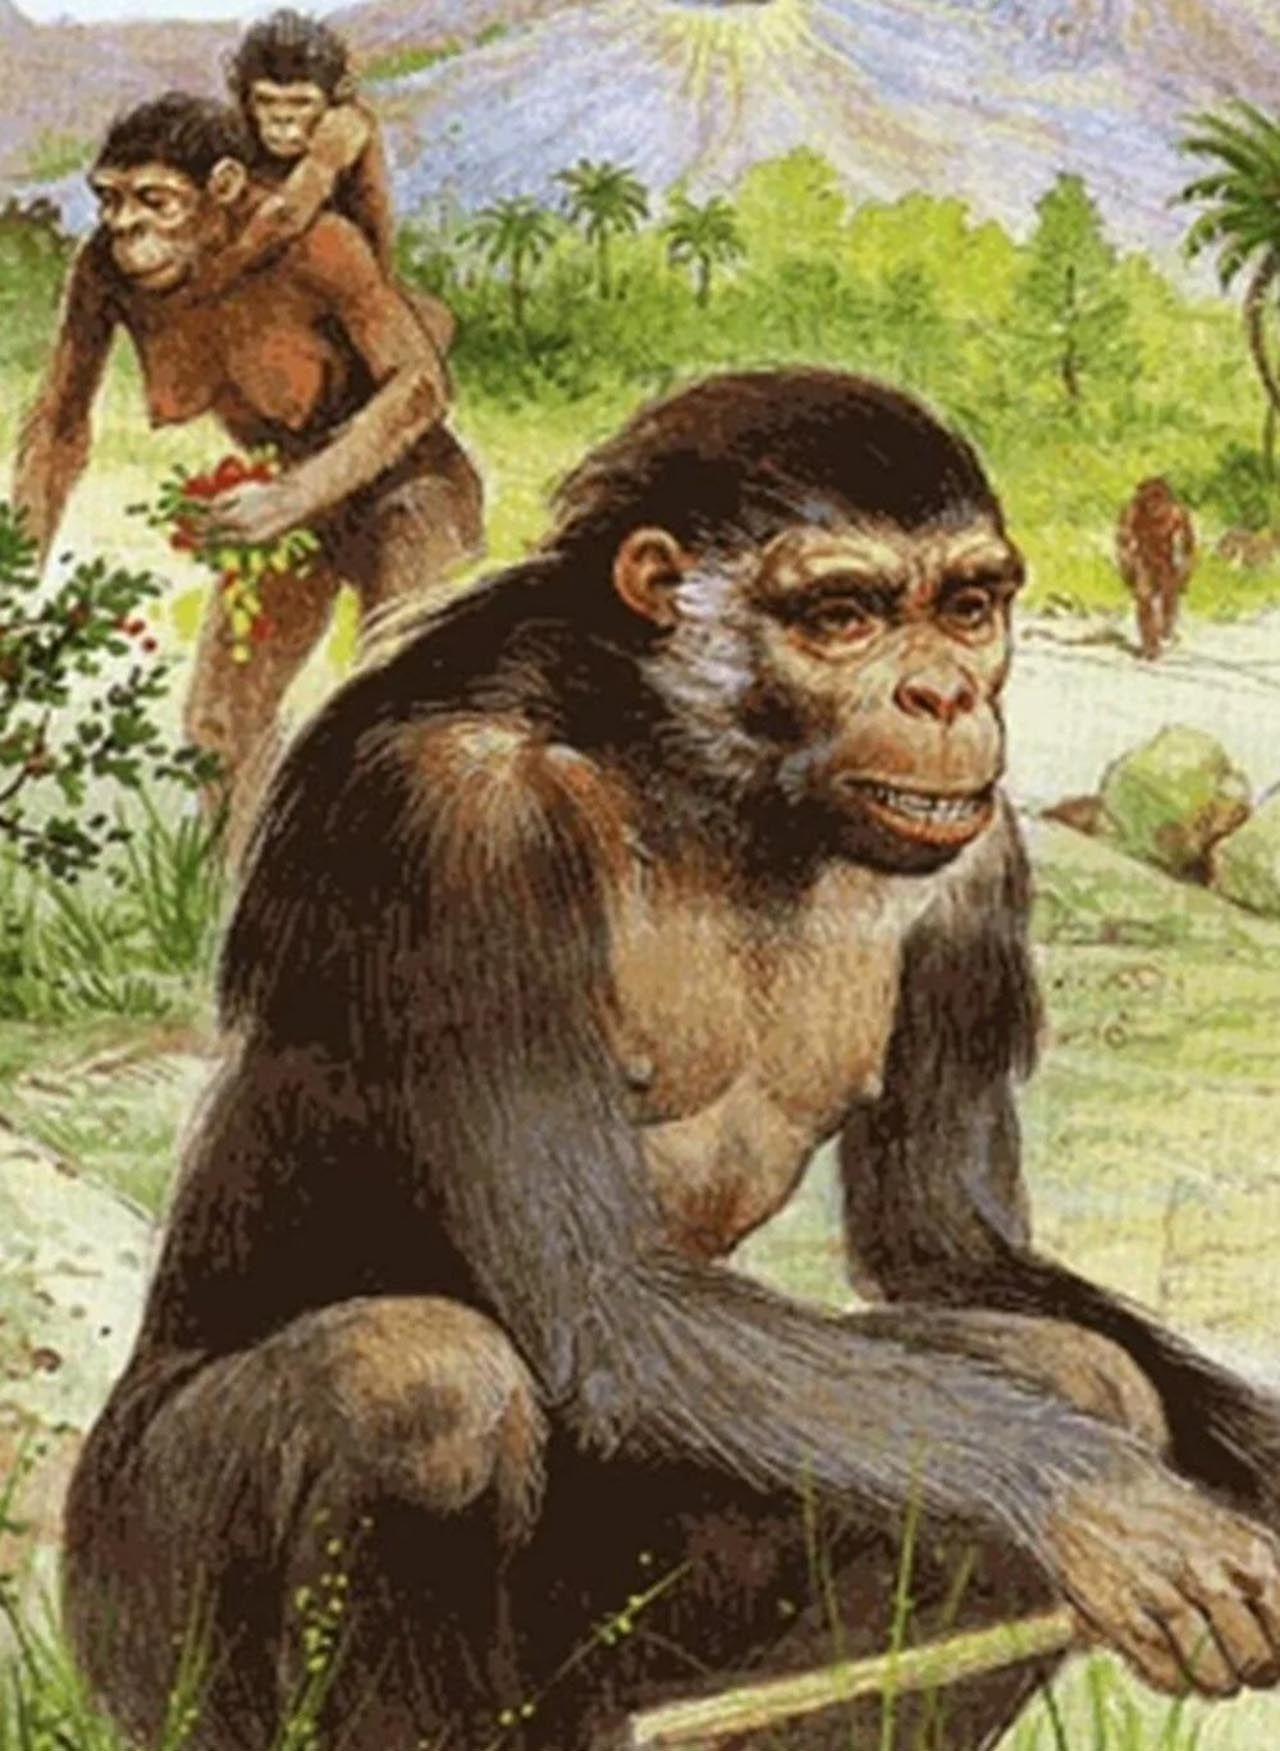 Bilim insanları, insanlığa ait bilinen en eski ayak izlerini bulduklarını açıkladı. 6 milyon öncesine ait ayak izleri bulundu! - Sayfa:4